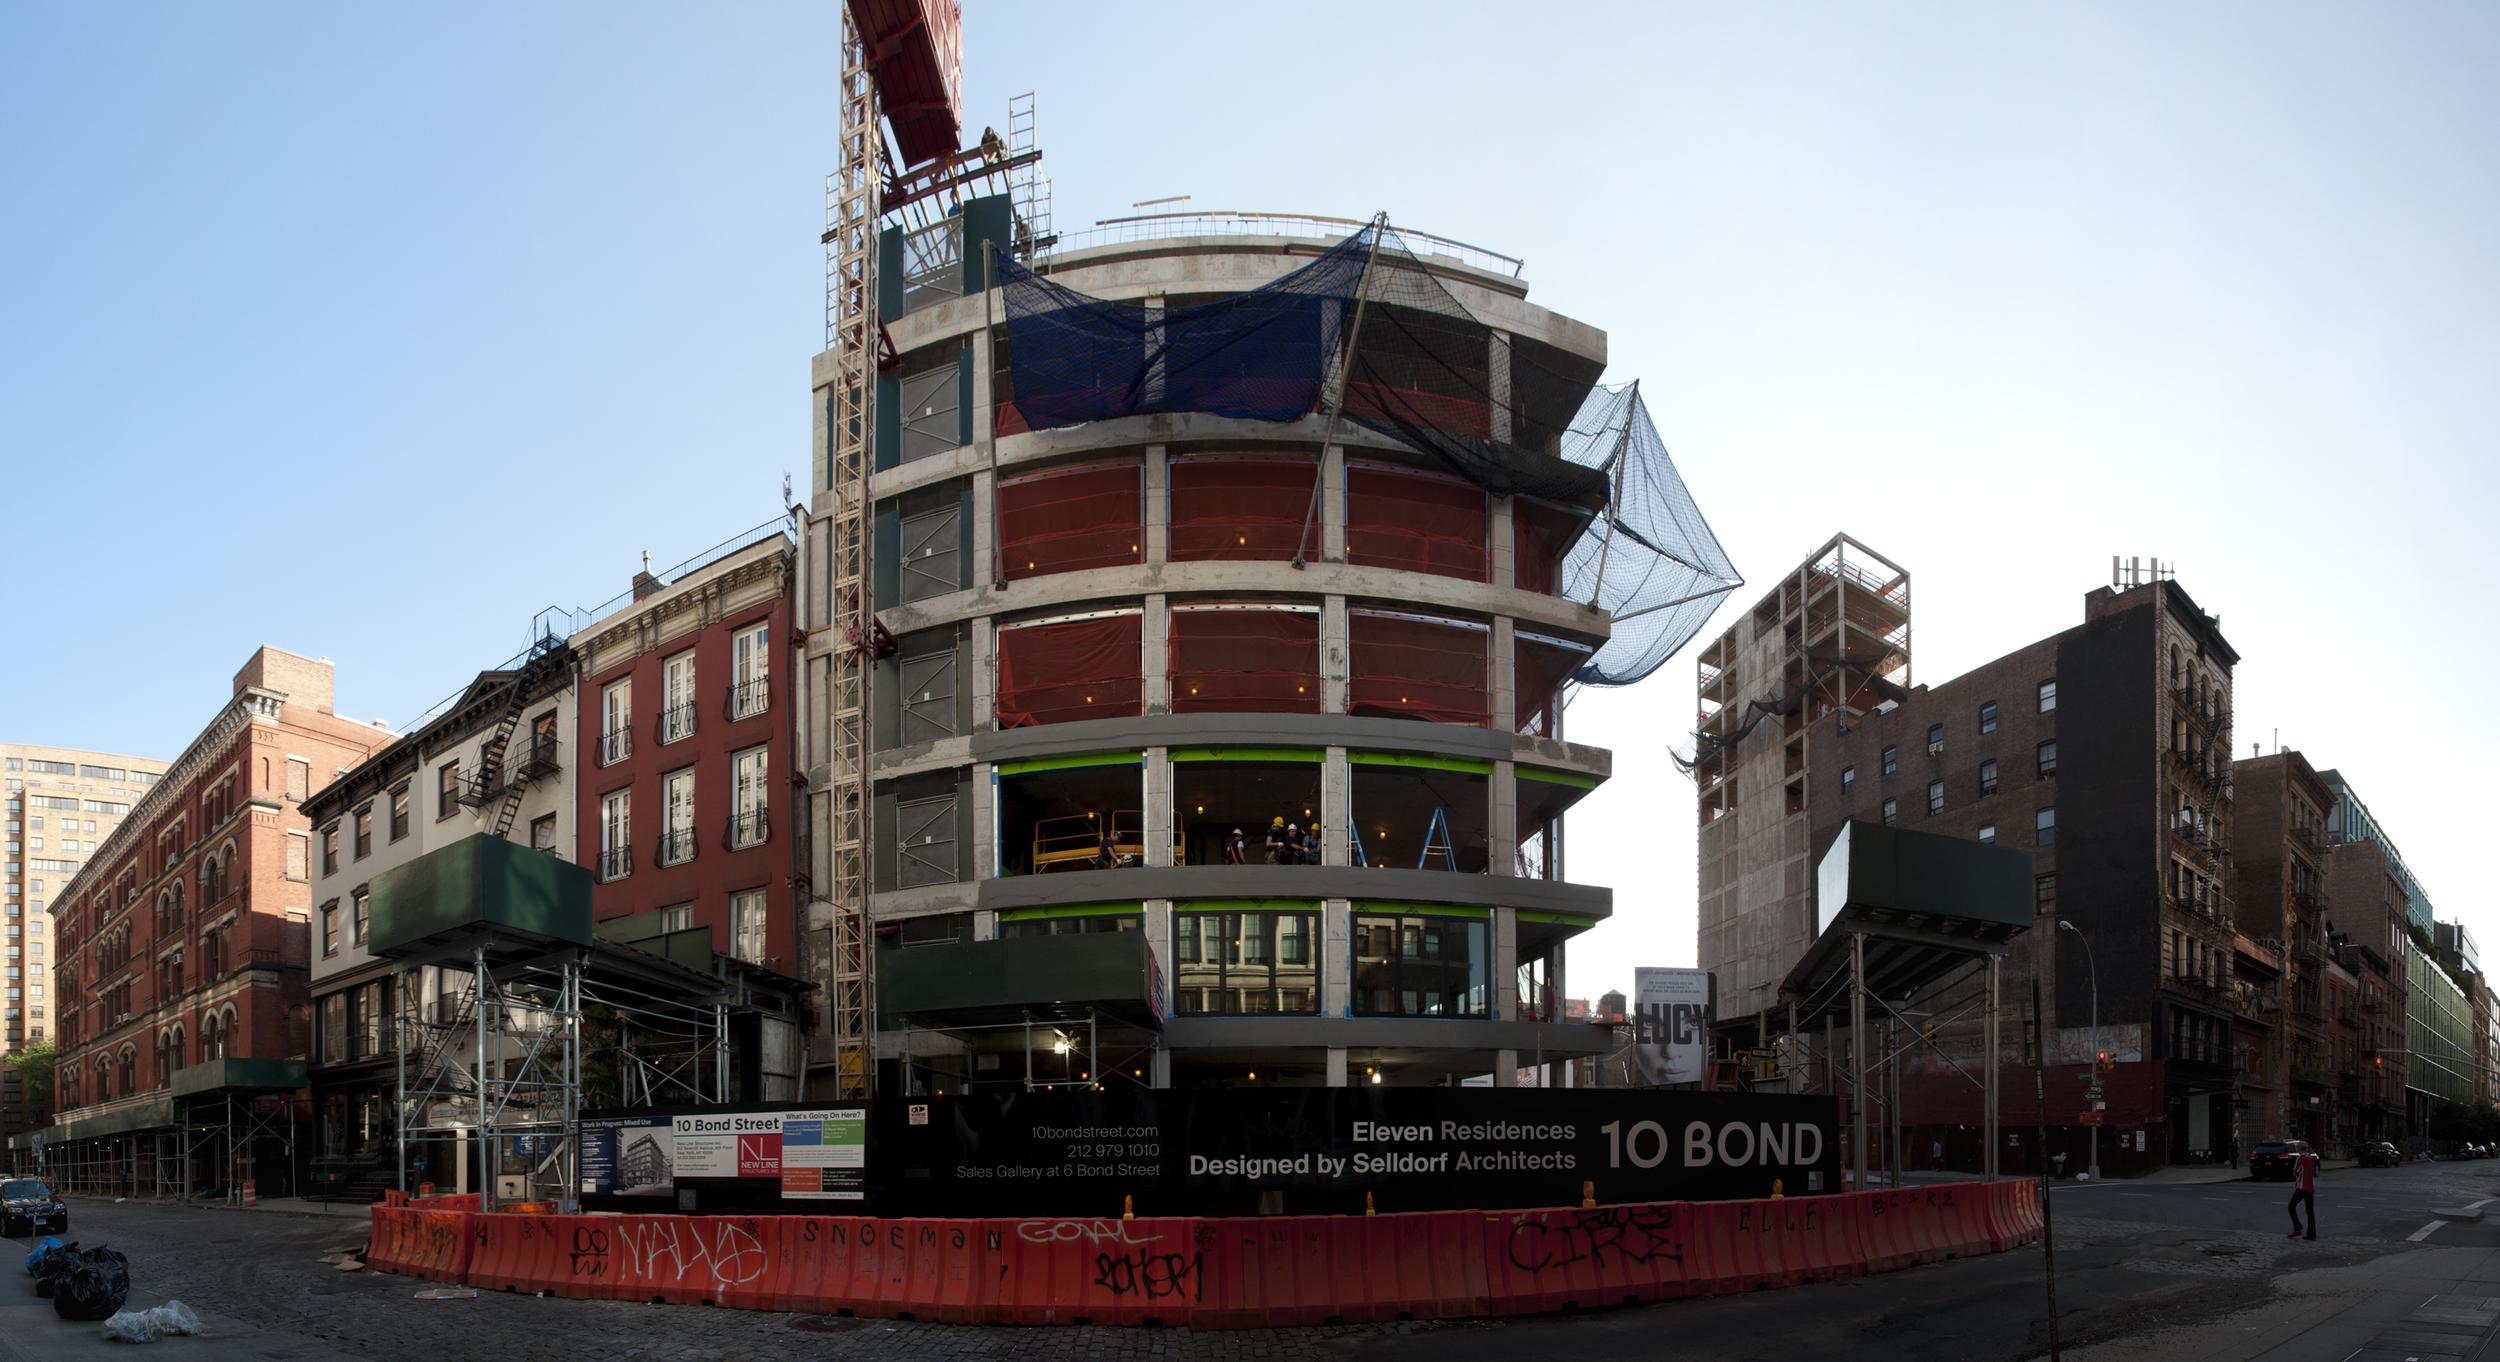 The Bond Street facade.